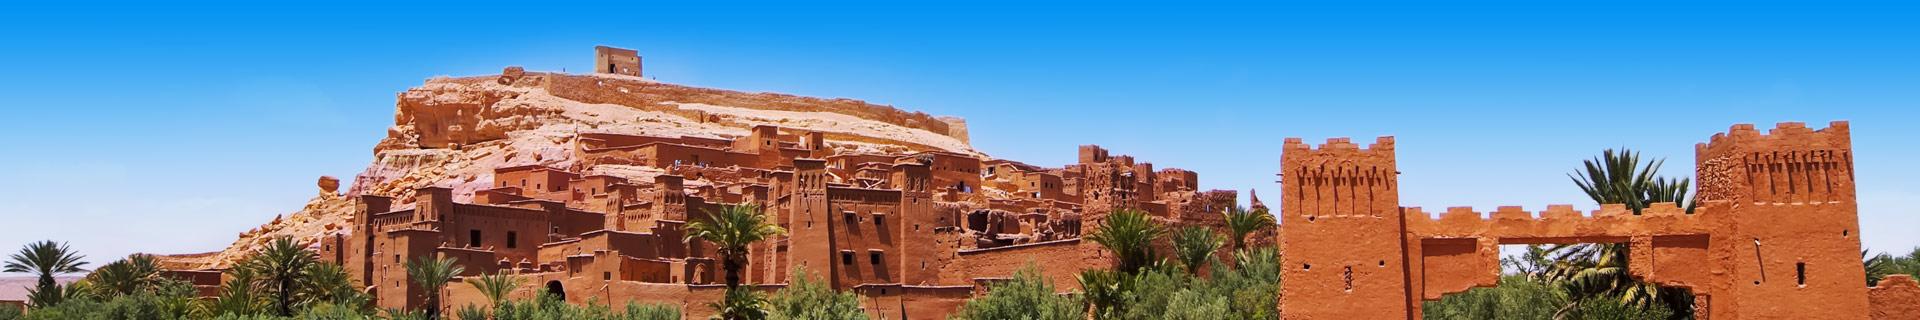 kan ik op vakantie naar marokko